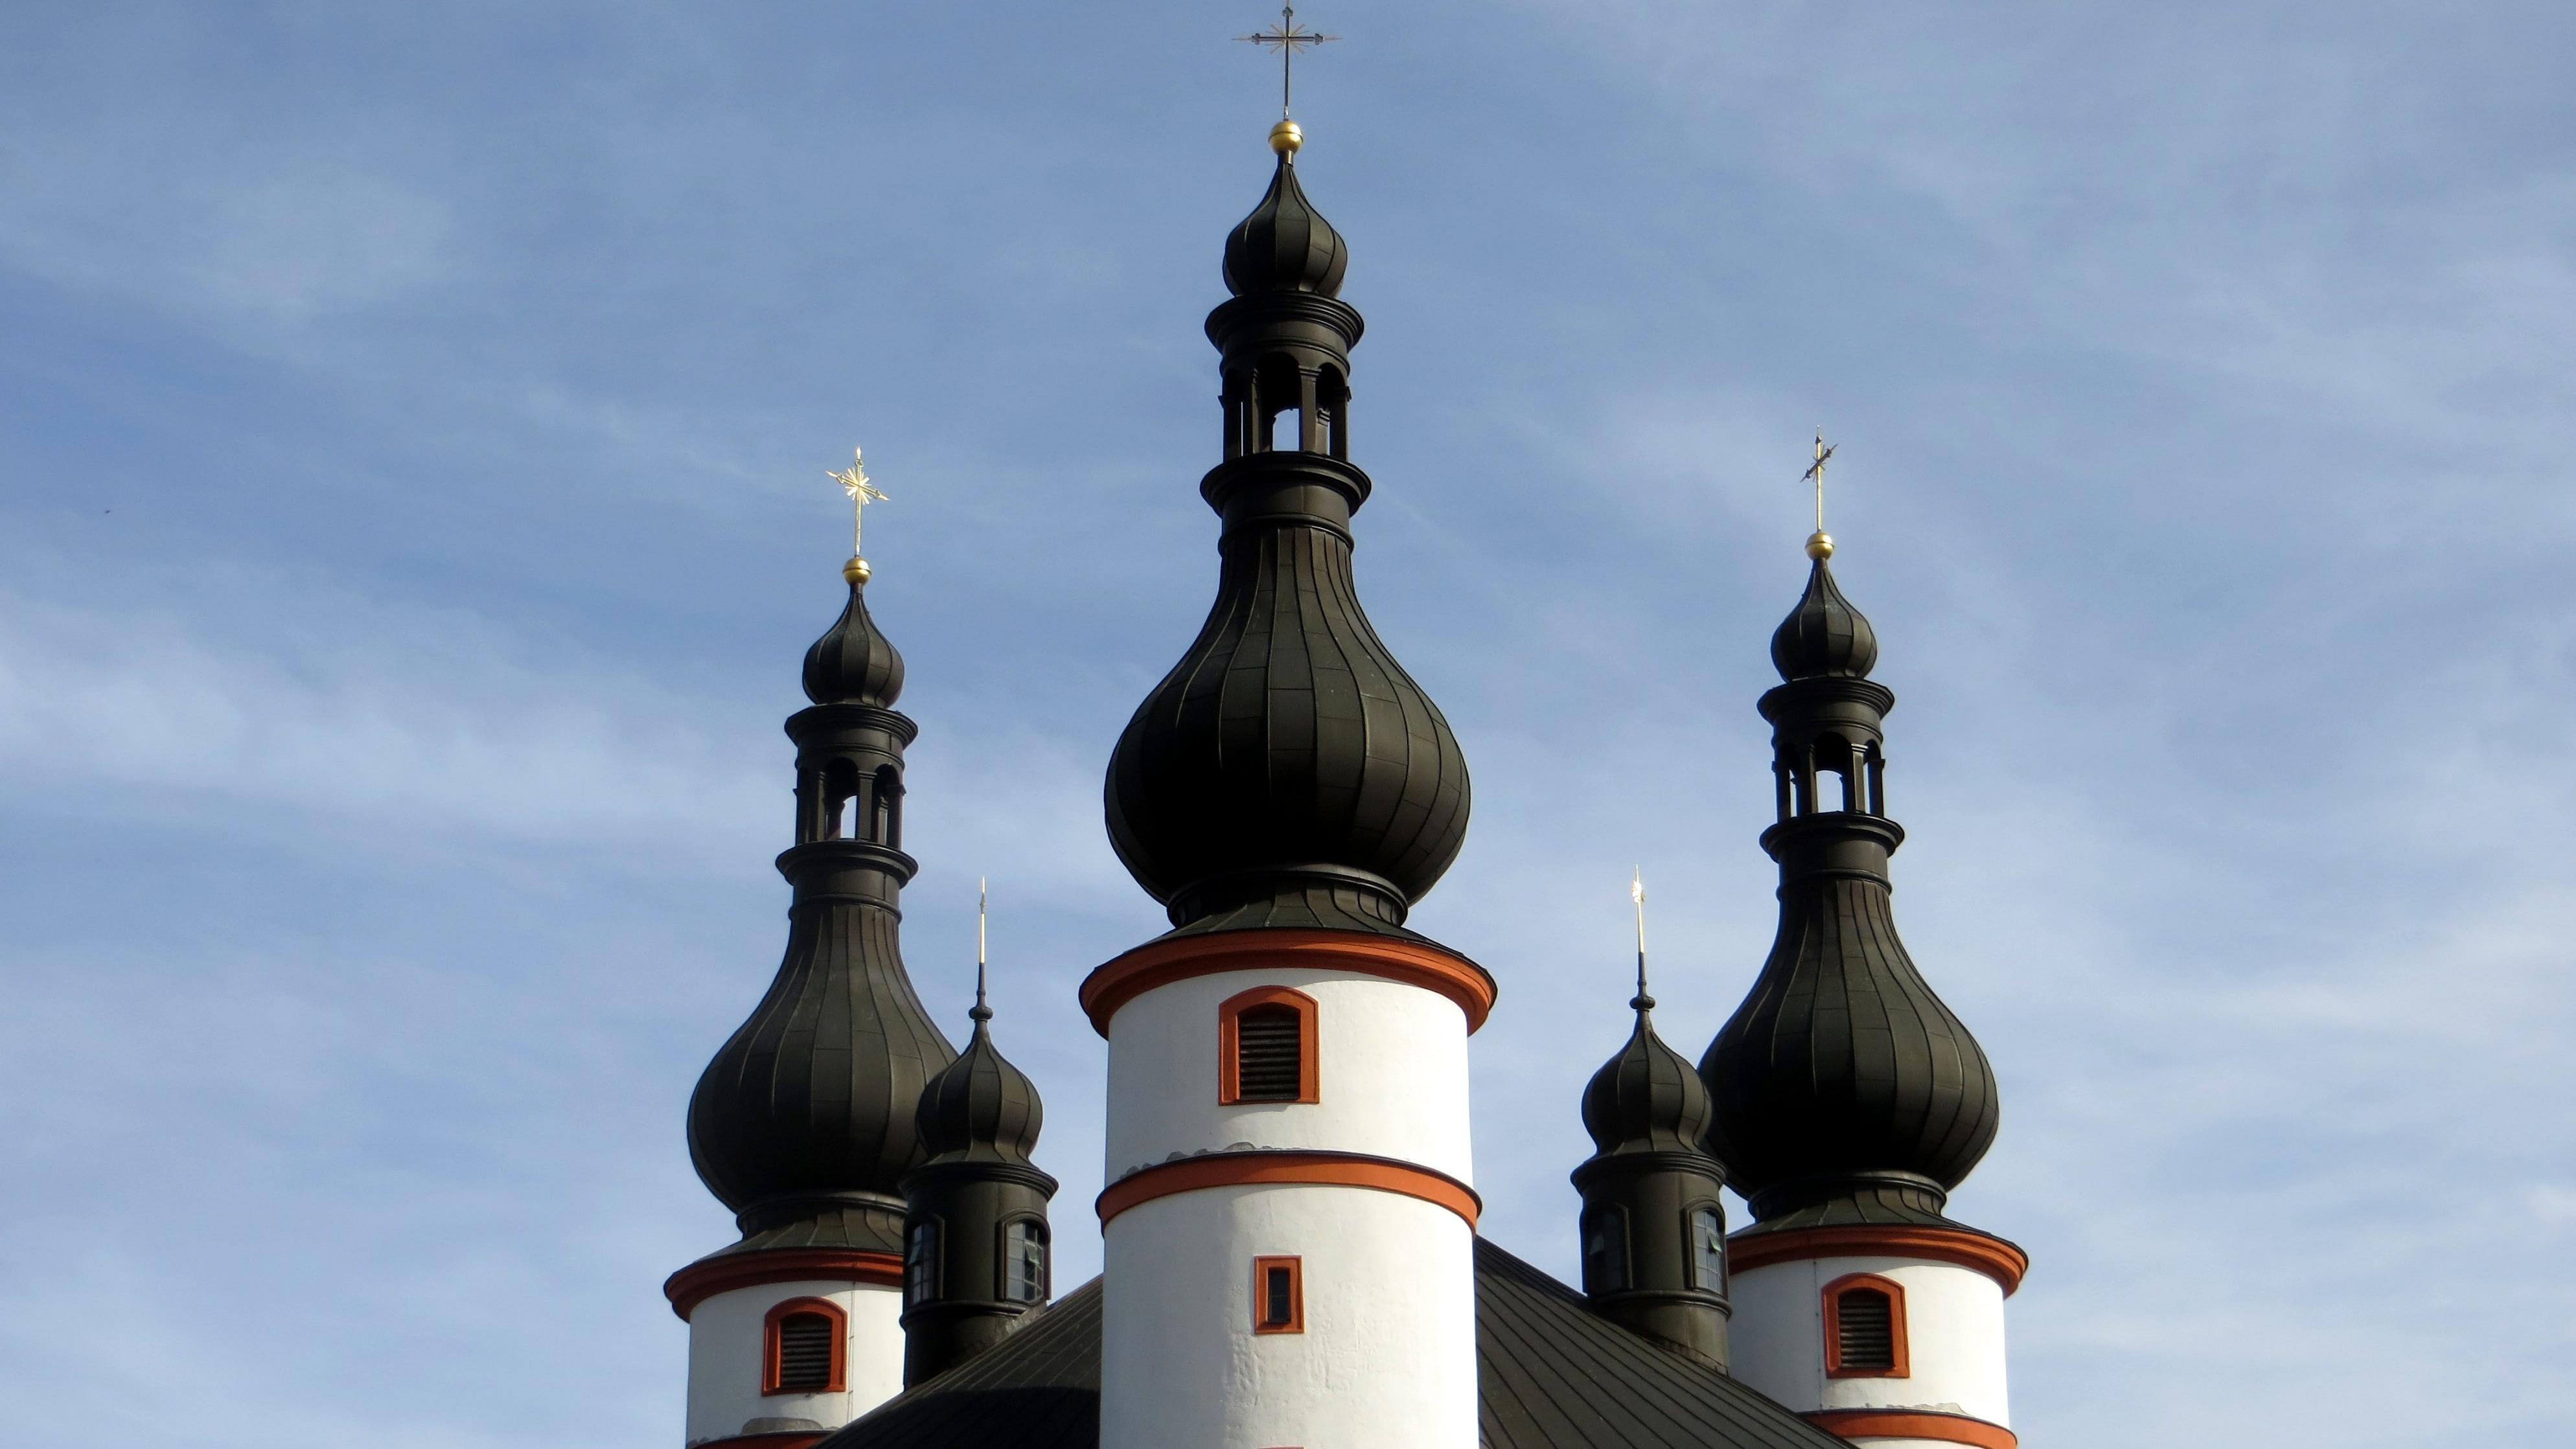 Die Dreifaltigkeitskirche Kappl bei Waldsassen.